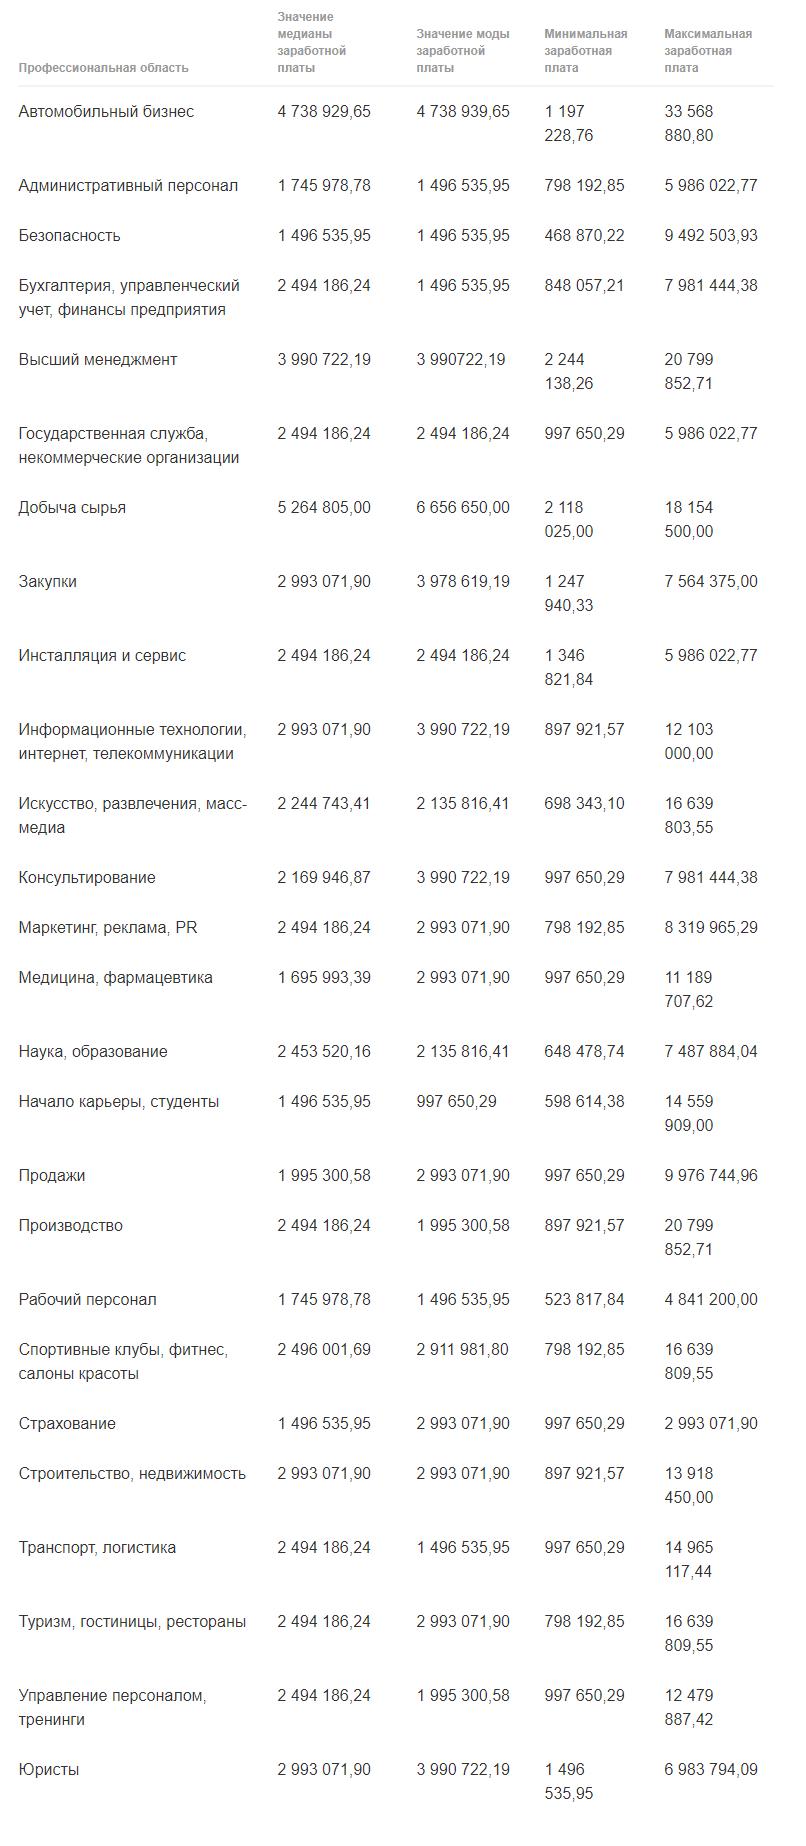 Кто в Узбекистане получает зарплату в 33 млн. сумов